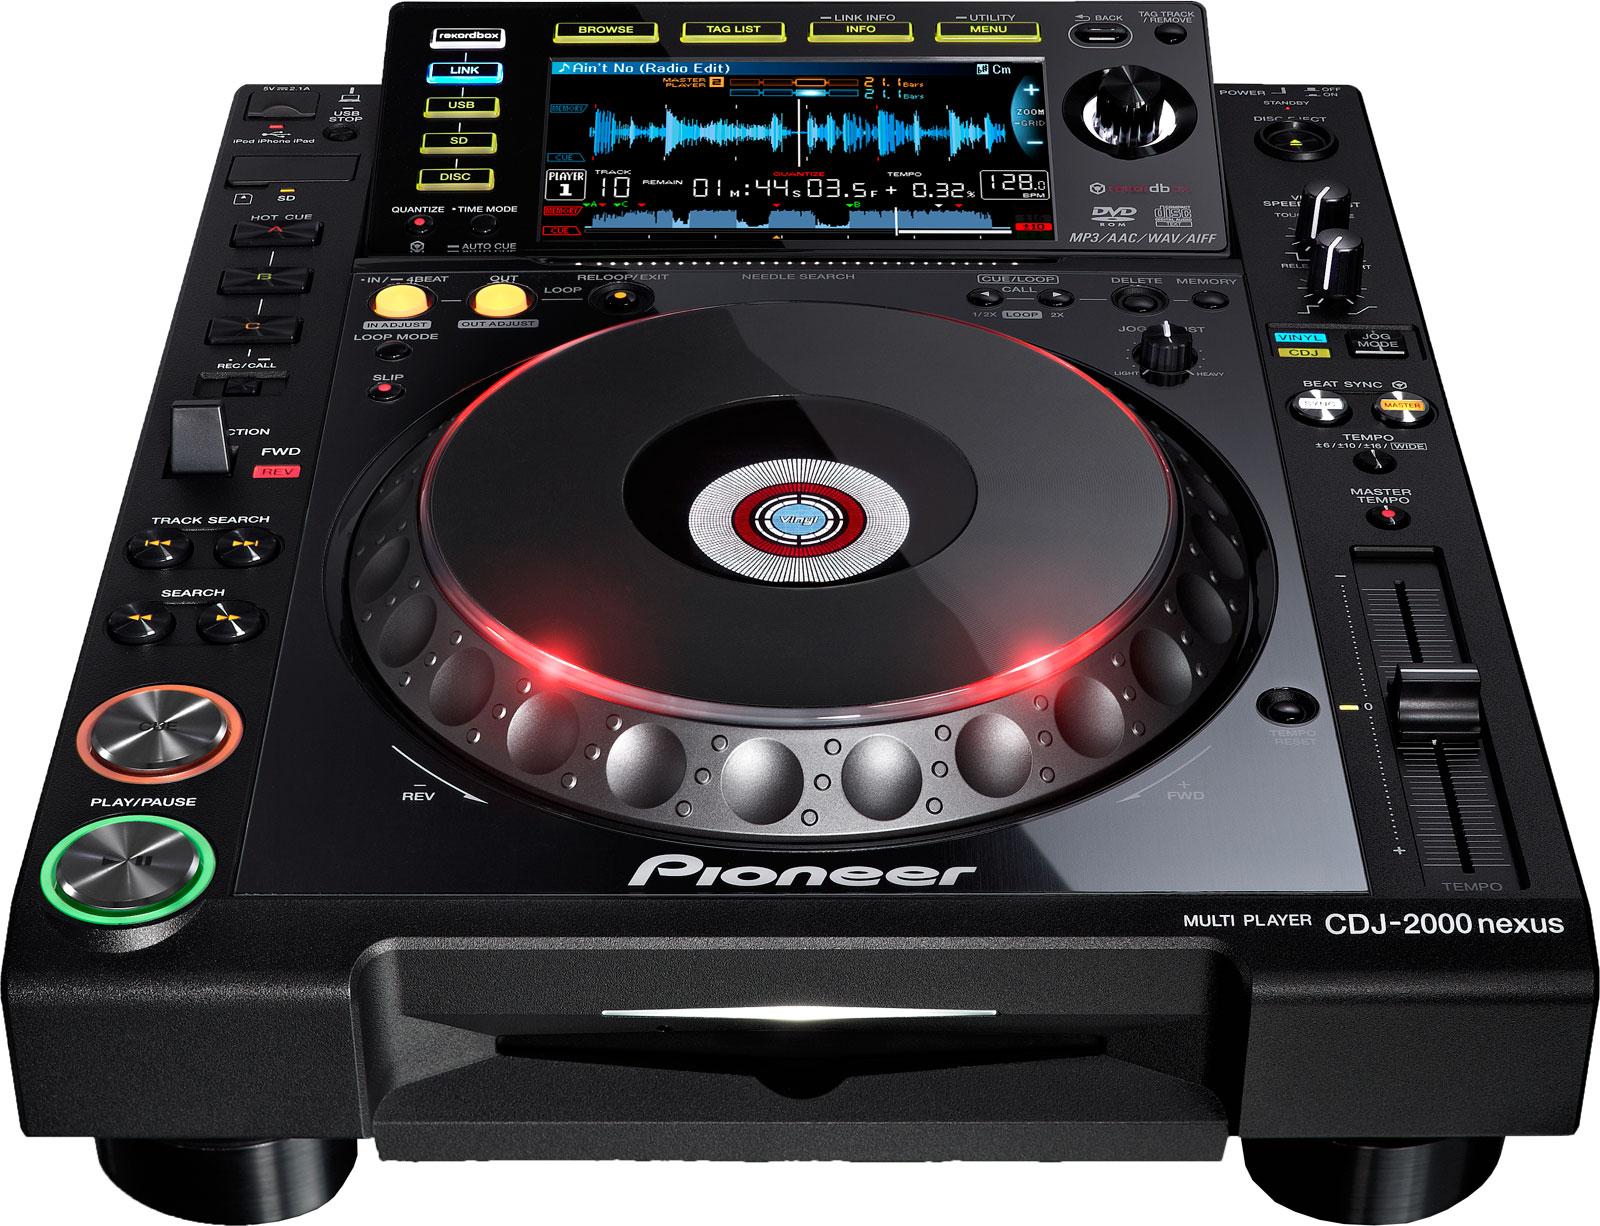 CDJ 2000 NEXUS PIONEER